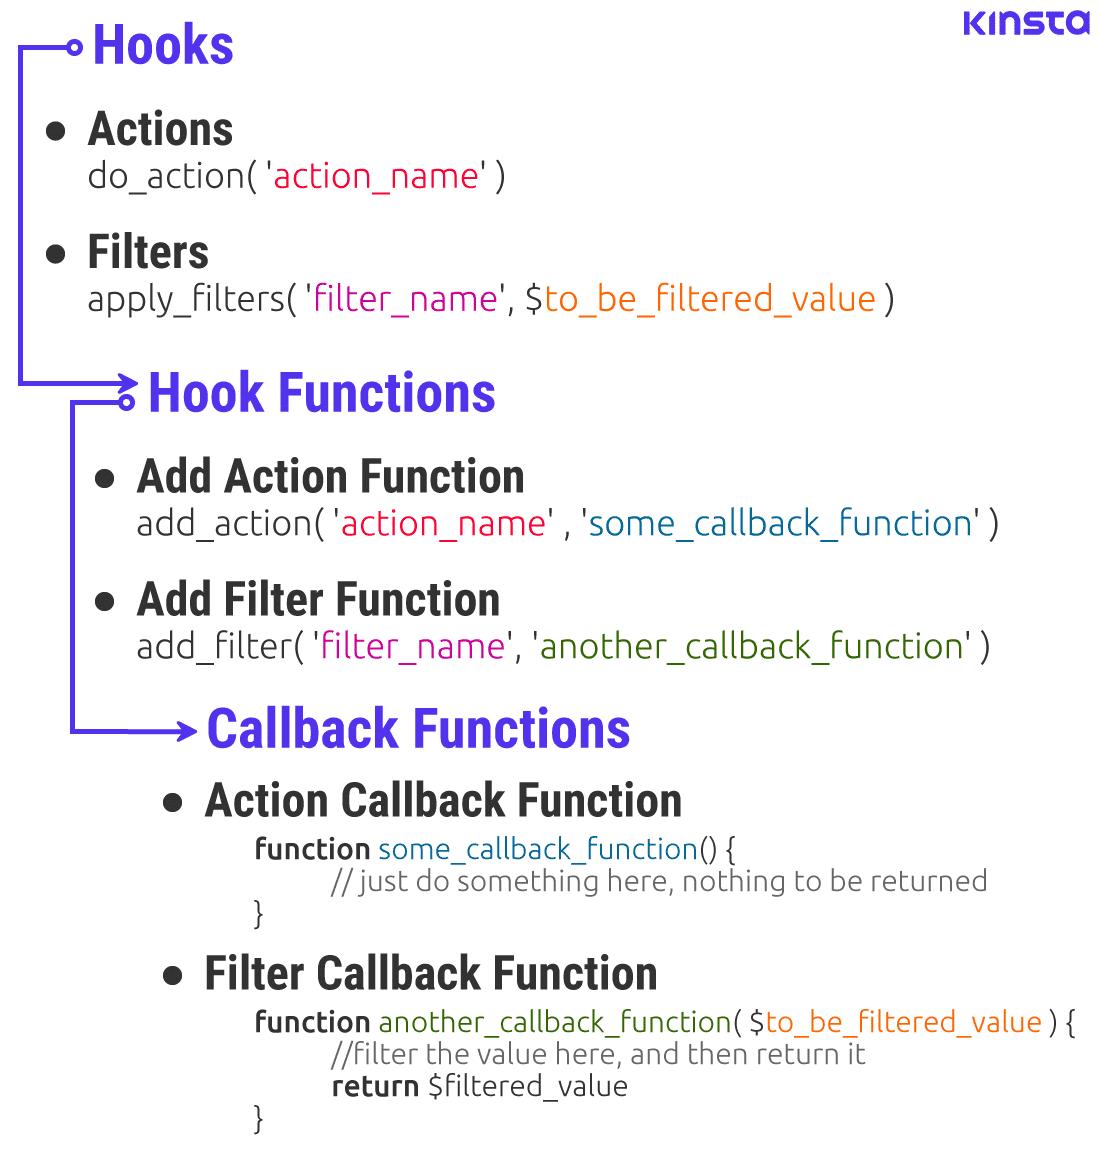 De hook routine: hooks, hook functions en callback functions